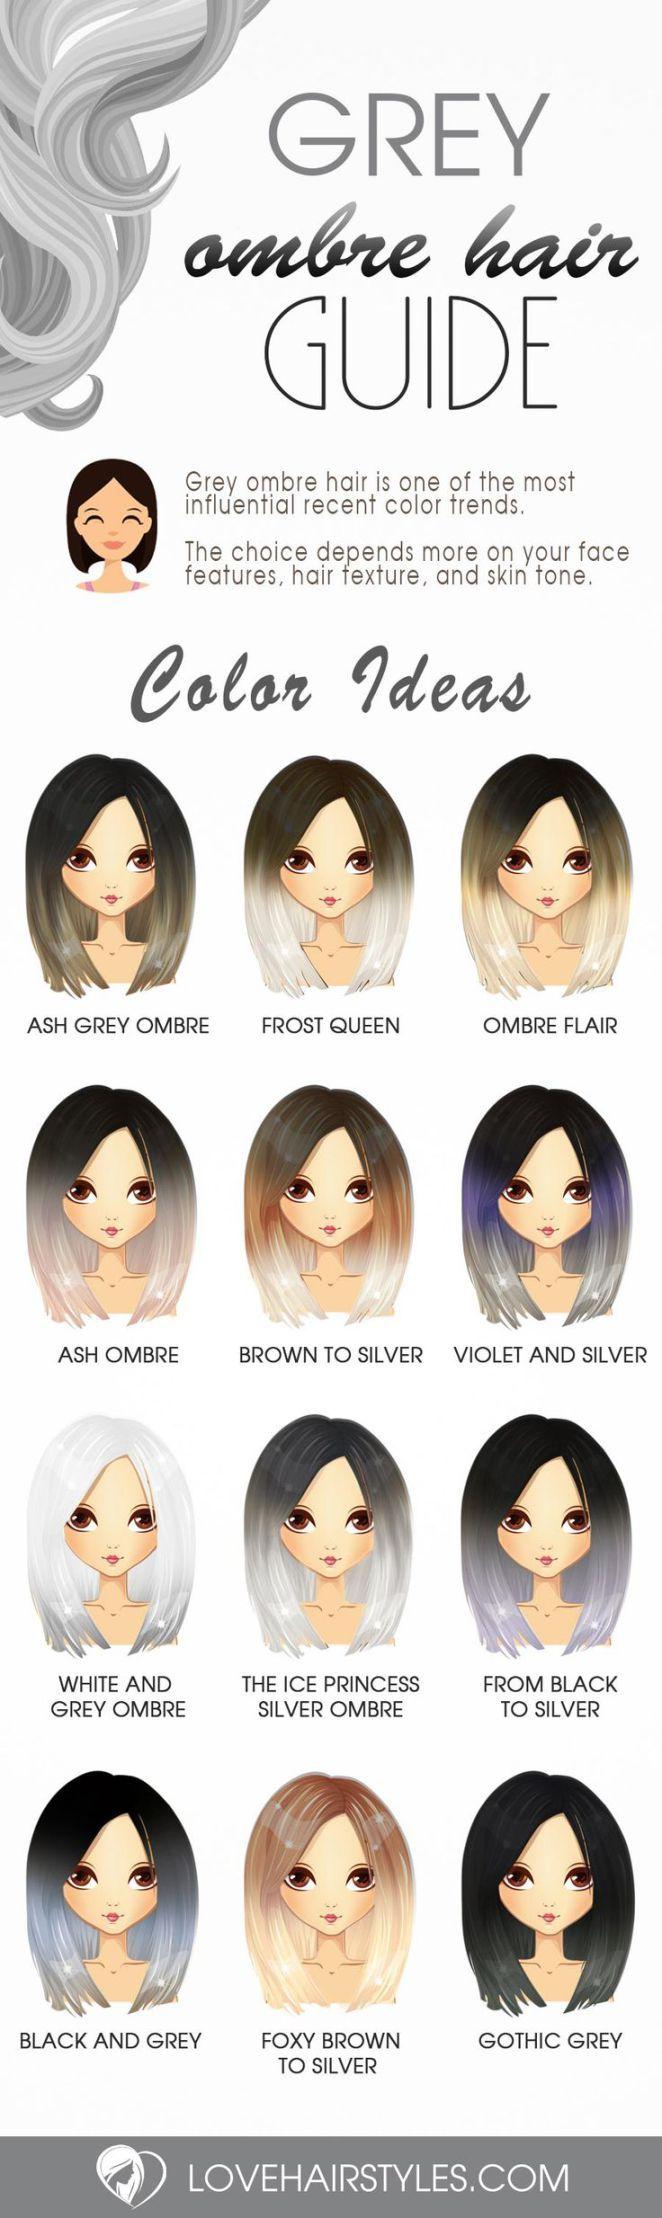 Nouvelle Tendance Coiffures Pour Femme  2017 / 2018   Grey Ombre Hair Ideas to Rock cette année  Voir plus: lovehairstyles.co